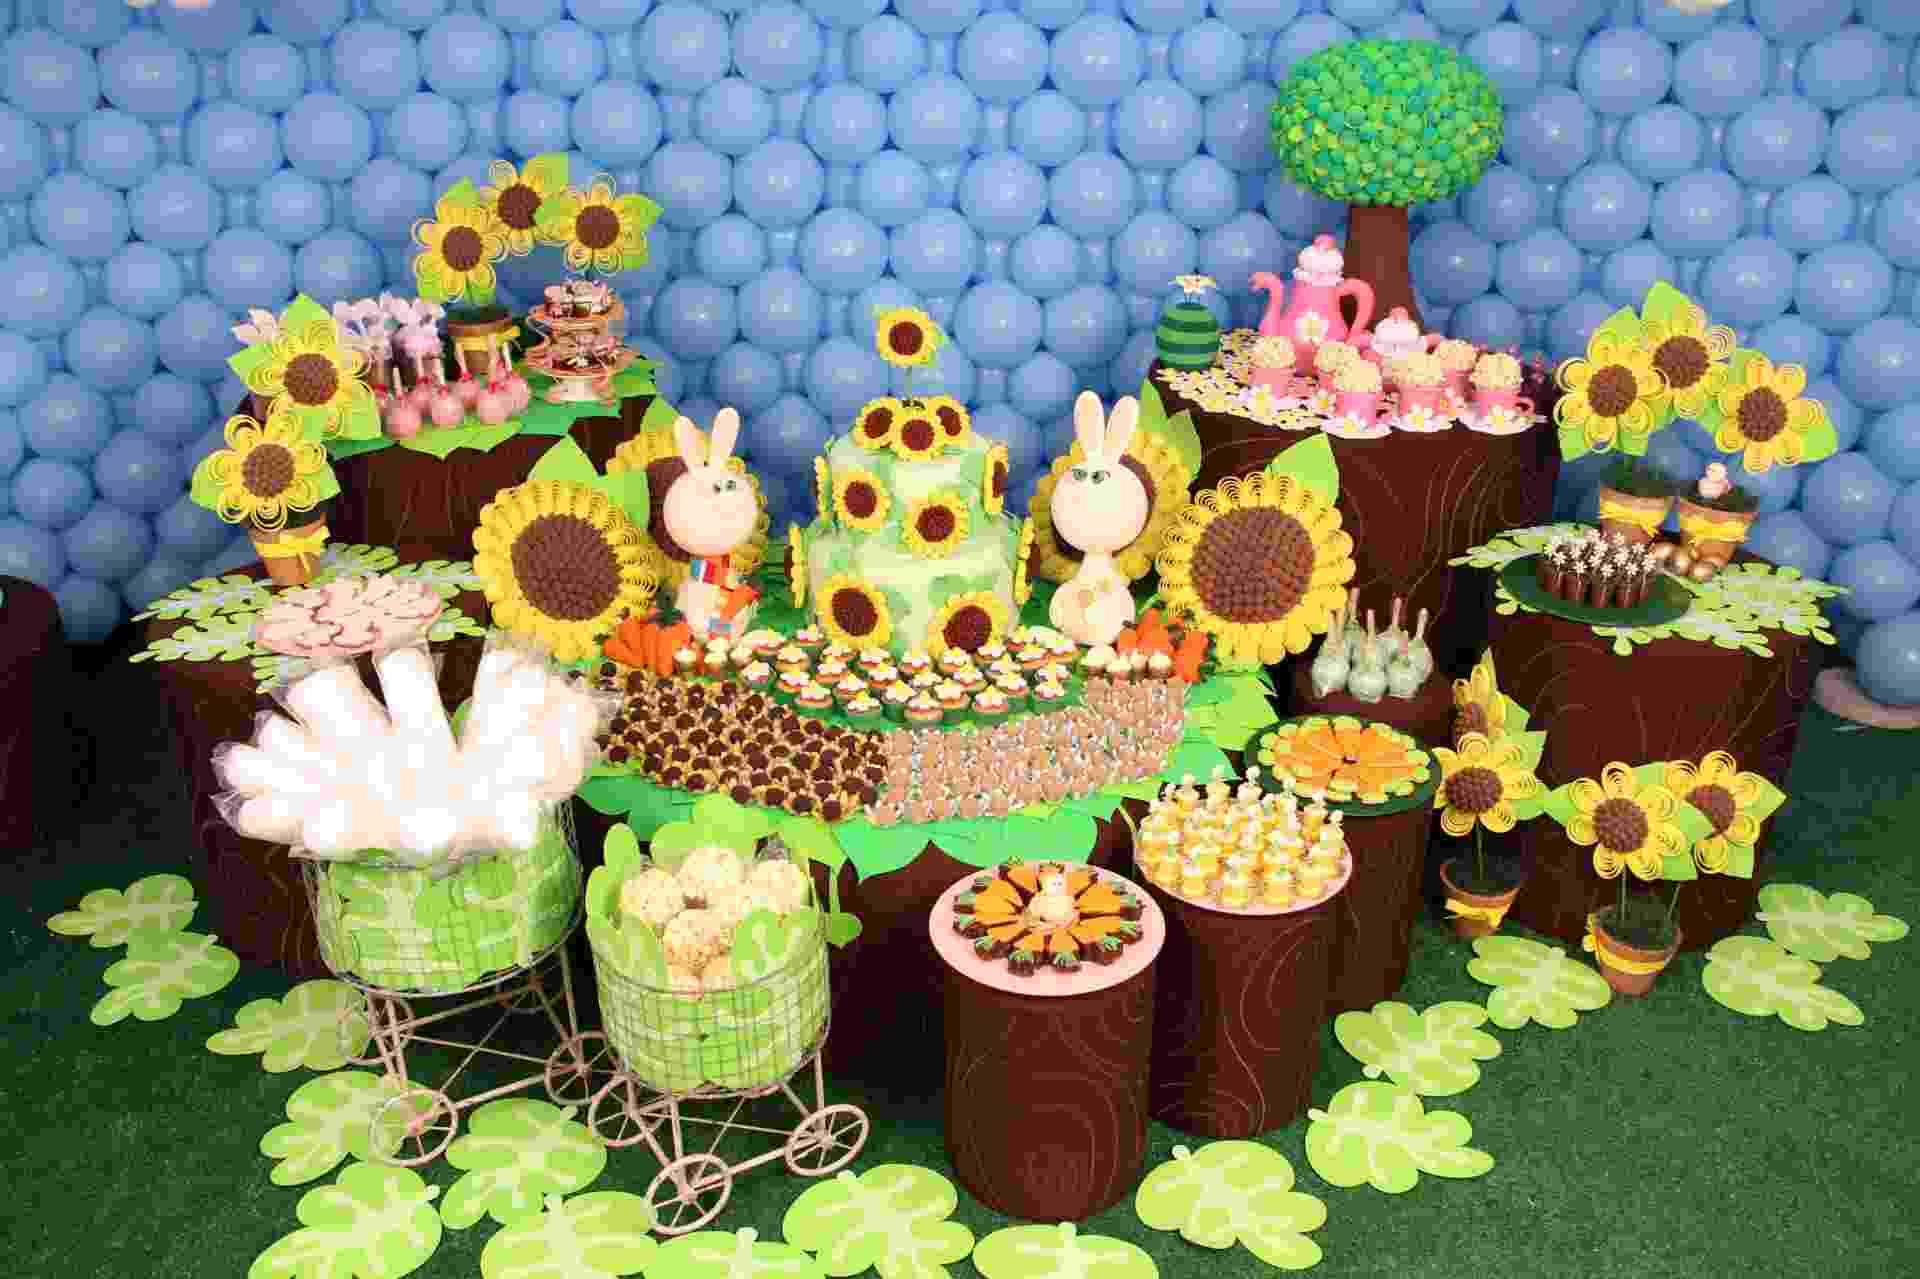 Cheia de símbolos, a Páscoa rendeu uma decoração de aniversário colorida pelas mãos da artista plástica Cristina Buchain (www.cristinabuchain.com.br) - Talita Ferraz/Divulgação